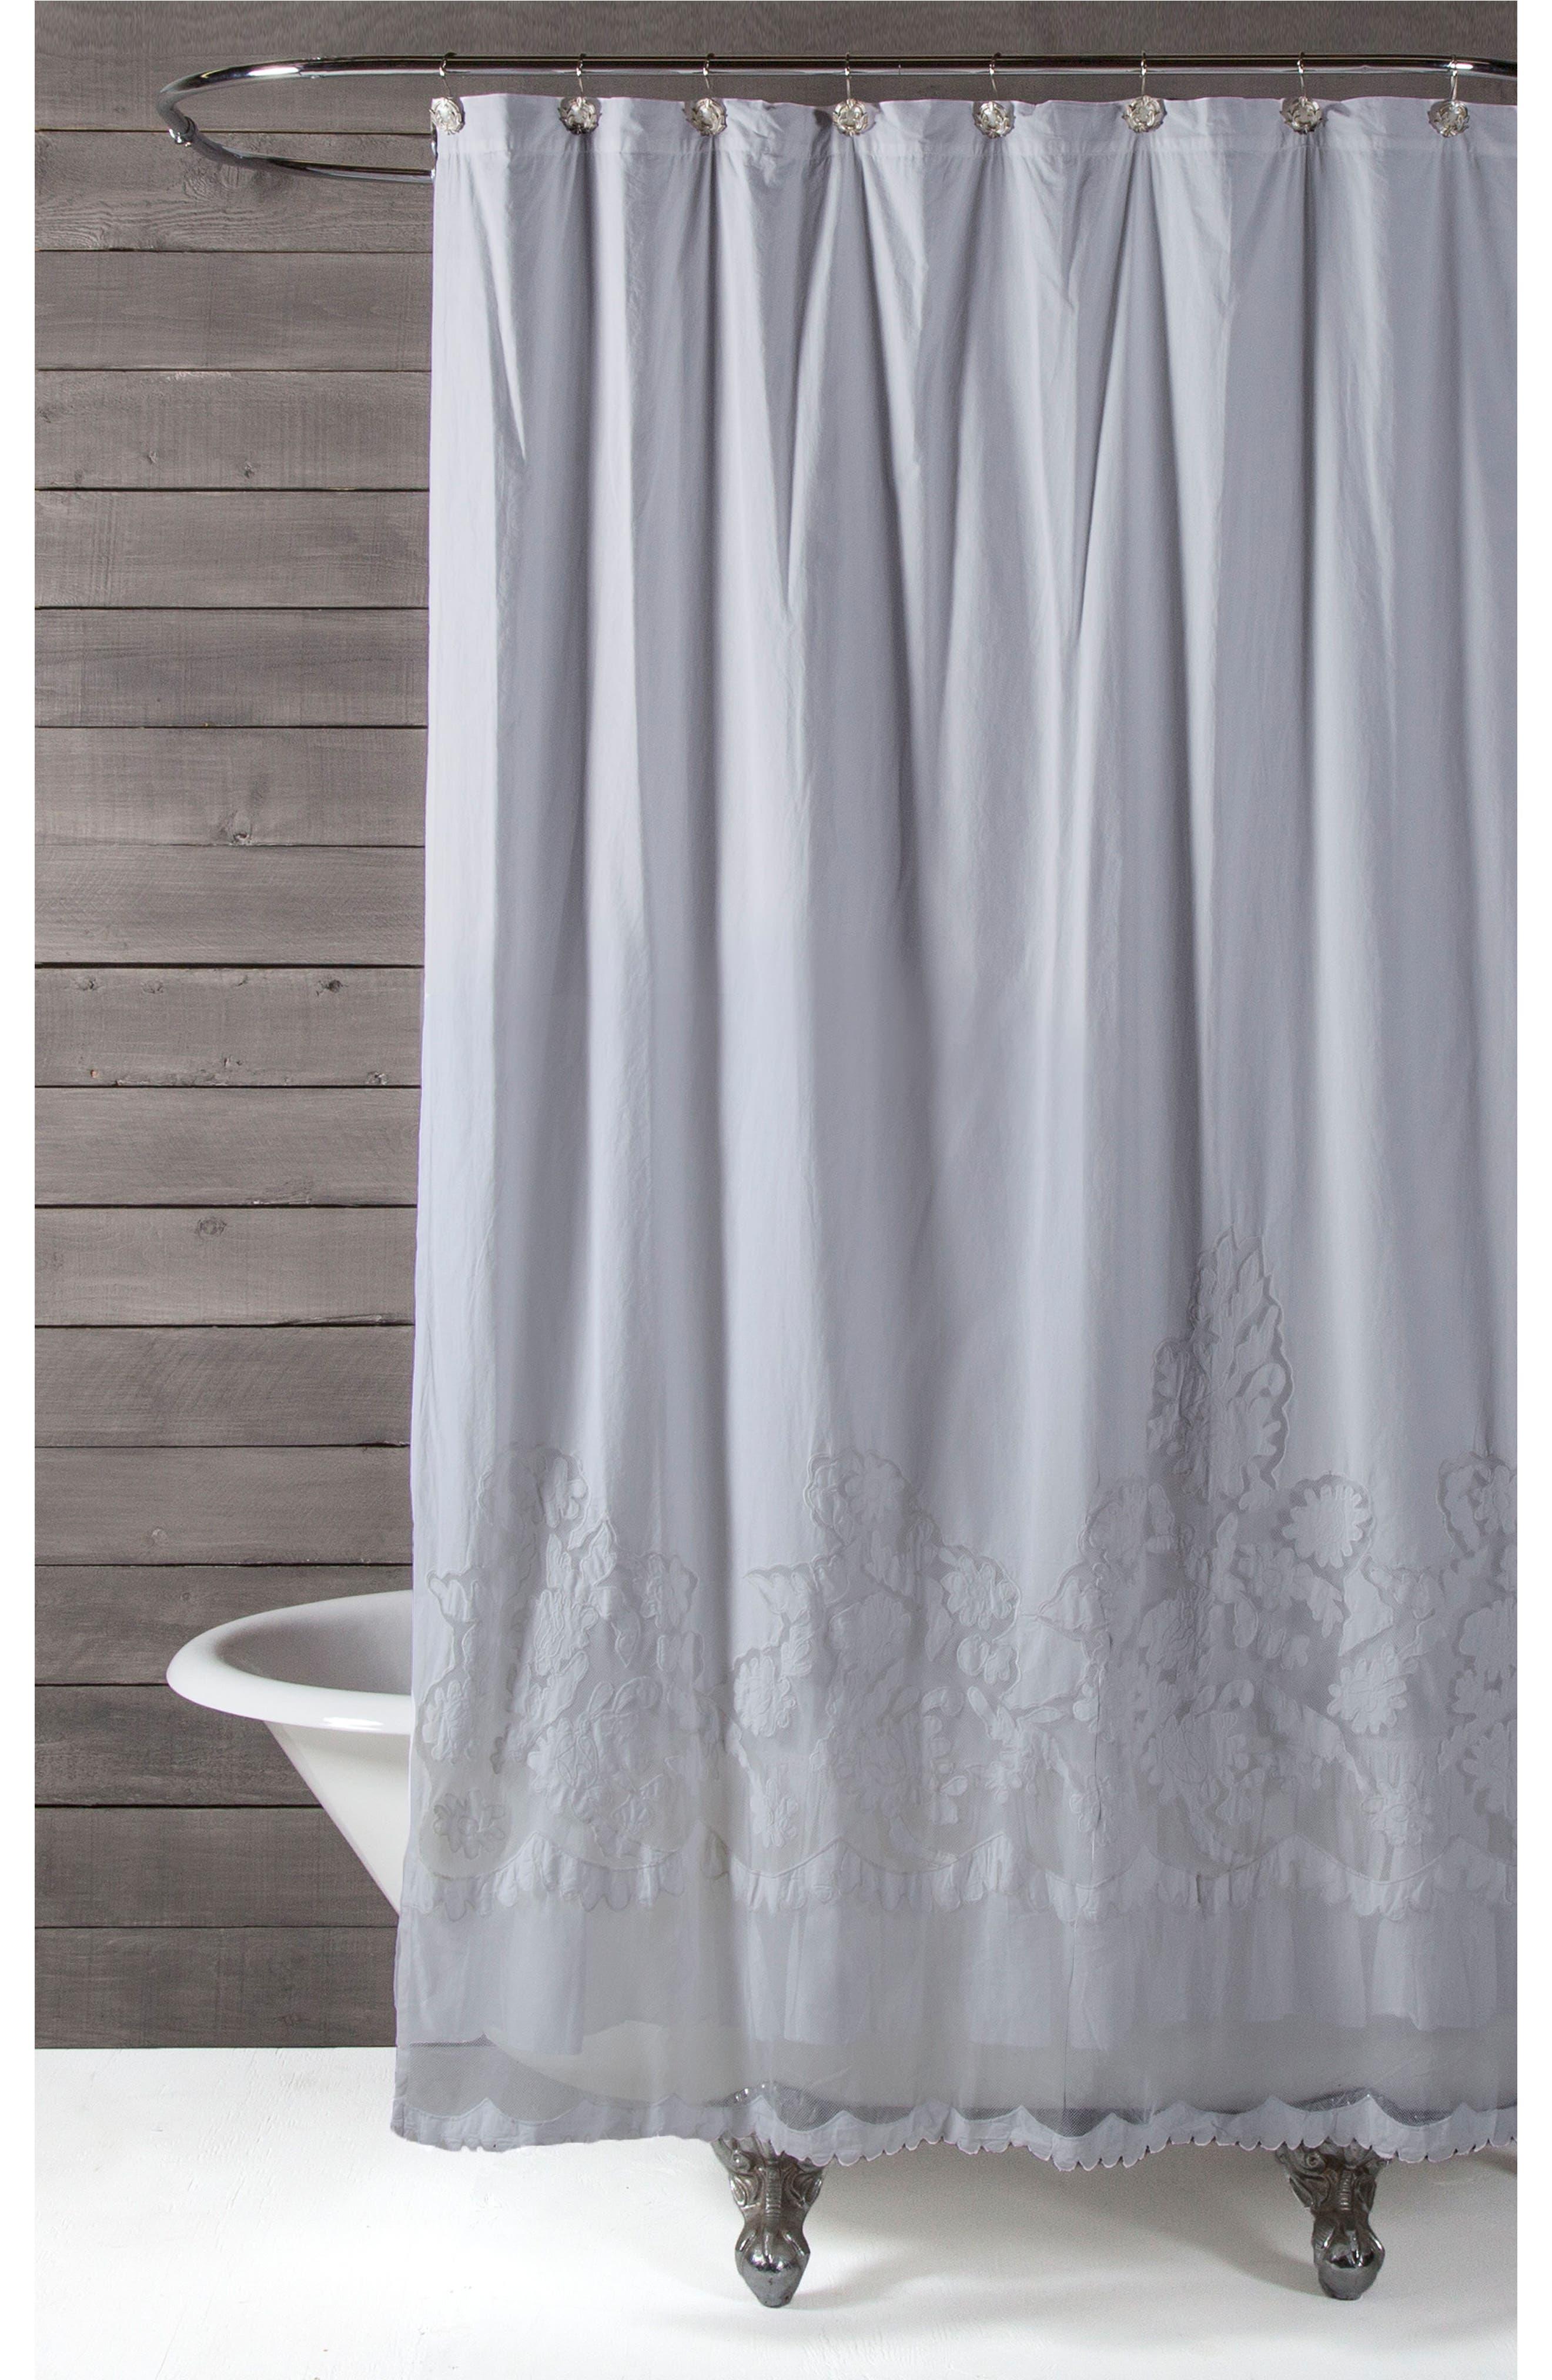 Pom Pom at Home Caprice Shower Curtain